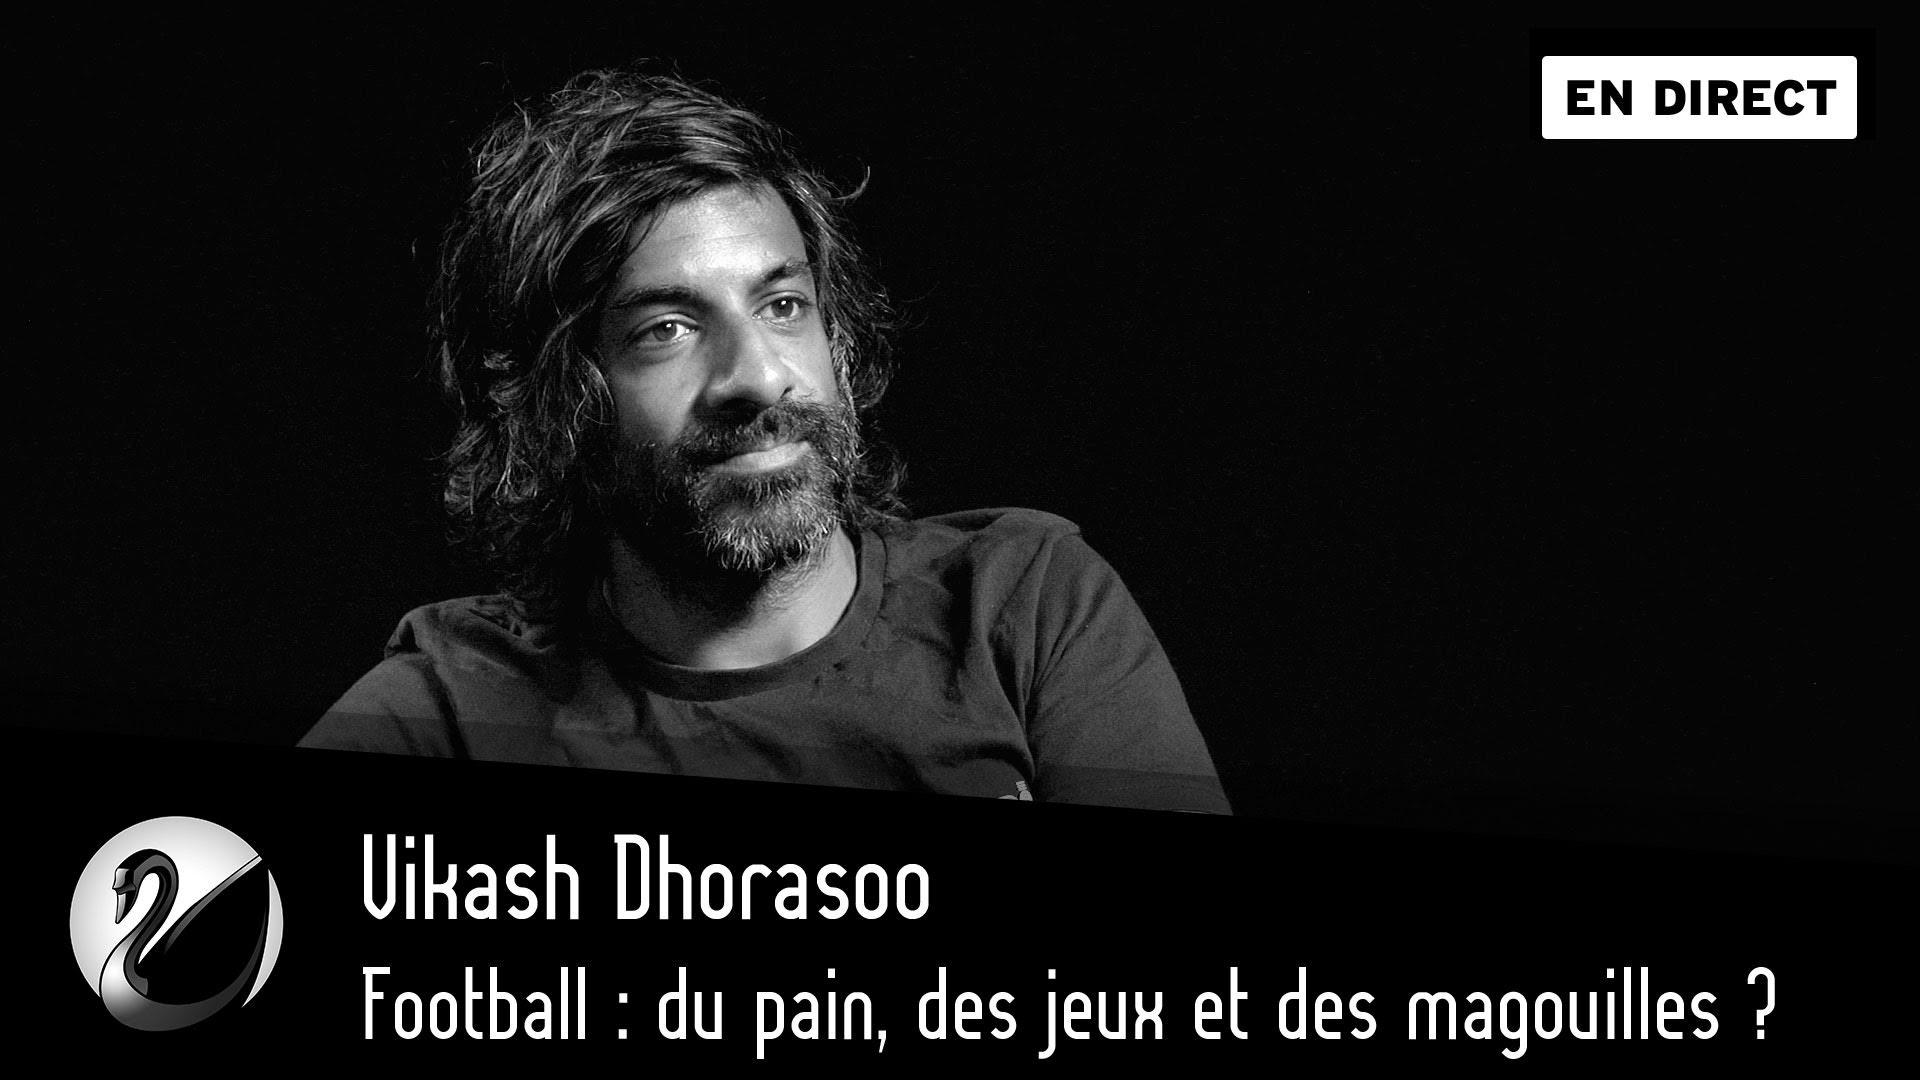 Vikash Dhorasoo : Football : du pain, des jeux et des magouilles ?